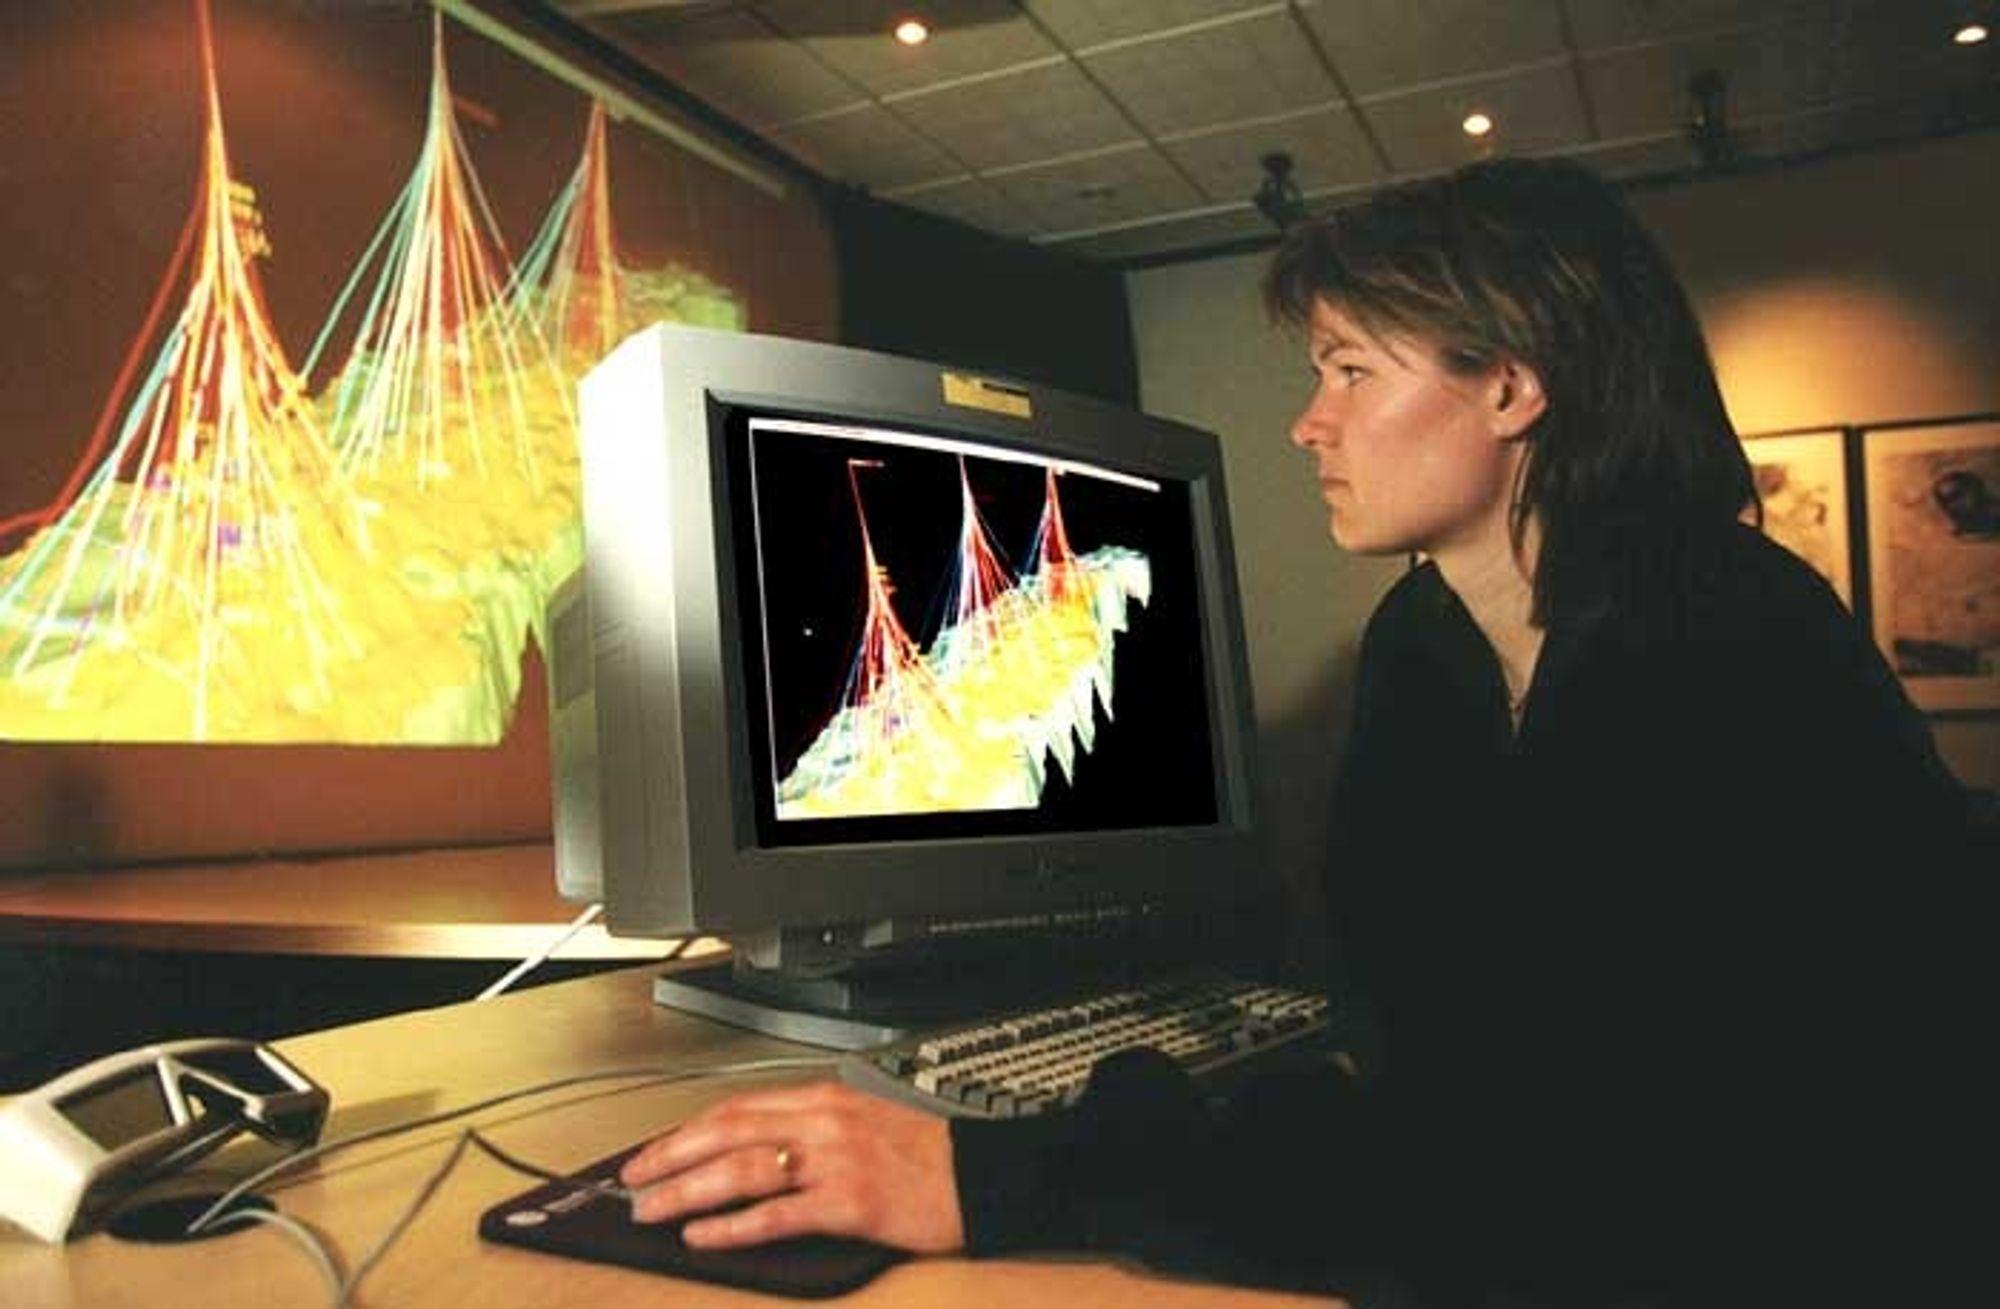 Torsk kan få hørselsskader av seismikk, mener Natuvernforbundet.  Arkivbilde.